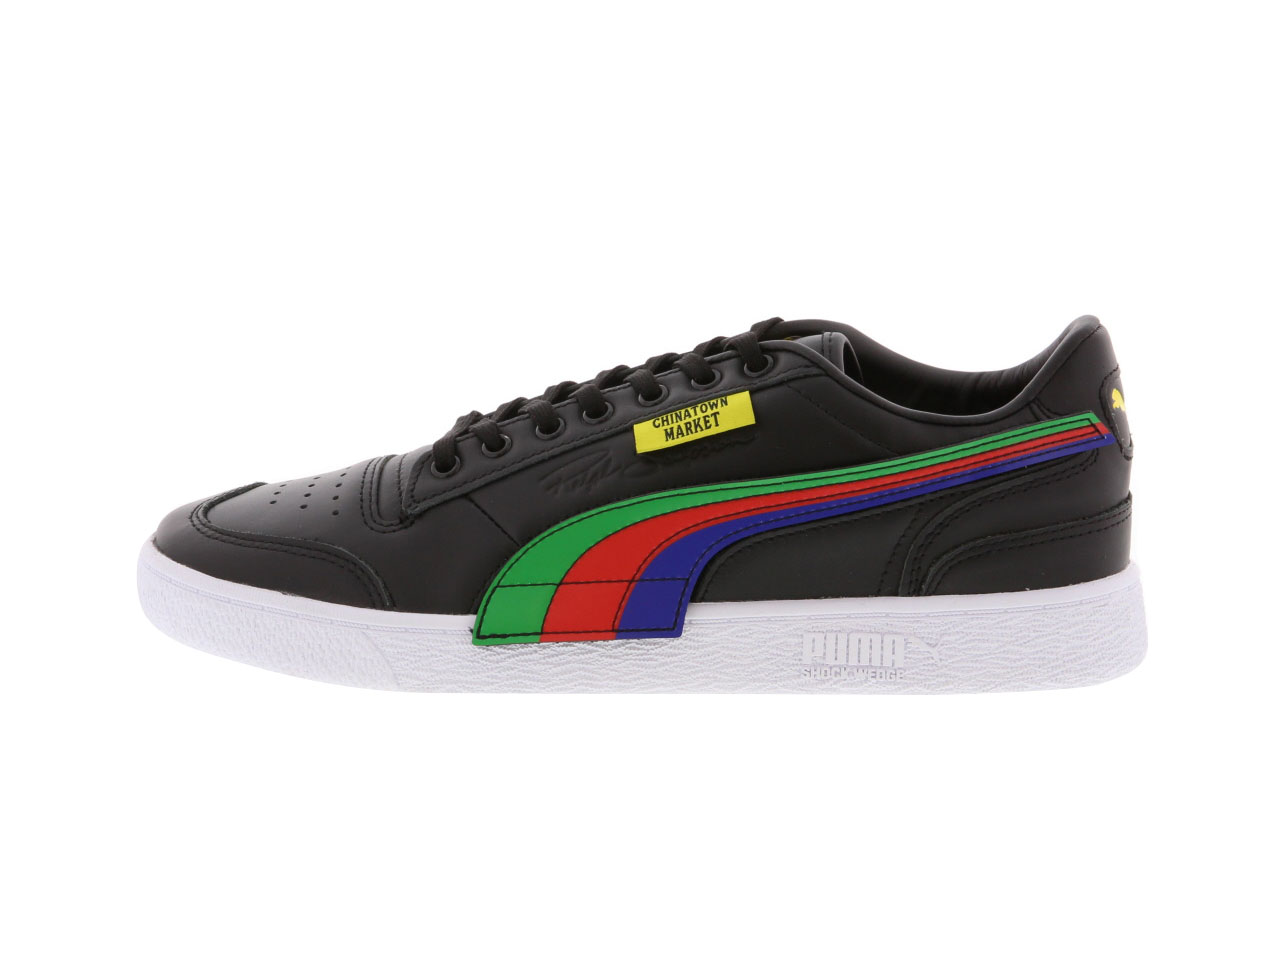 【OUTLET特価】PUMA RALPH SAMPSON LO CHINATOWN MAR(371089-01)【プーマ】【メンズファッション】【シューズ】【スニーカー】【靴】【フットウェア】